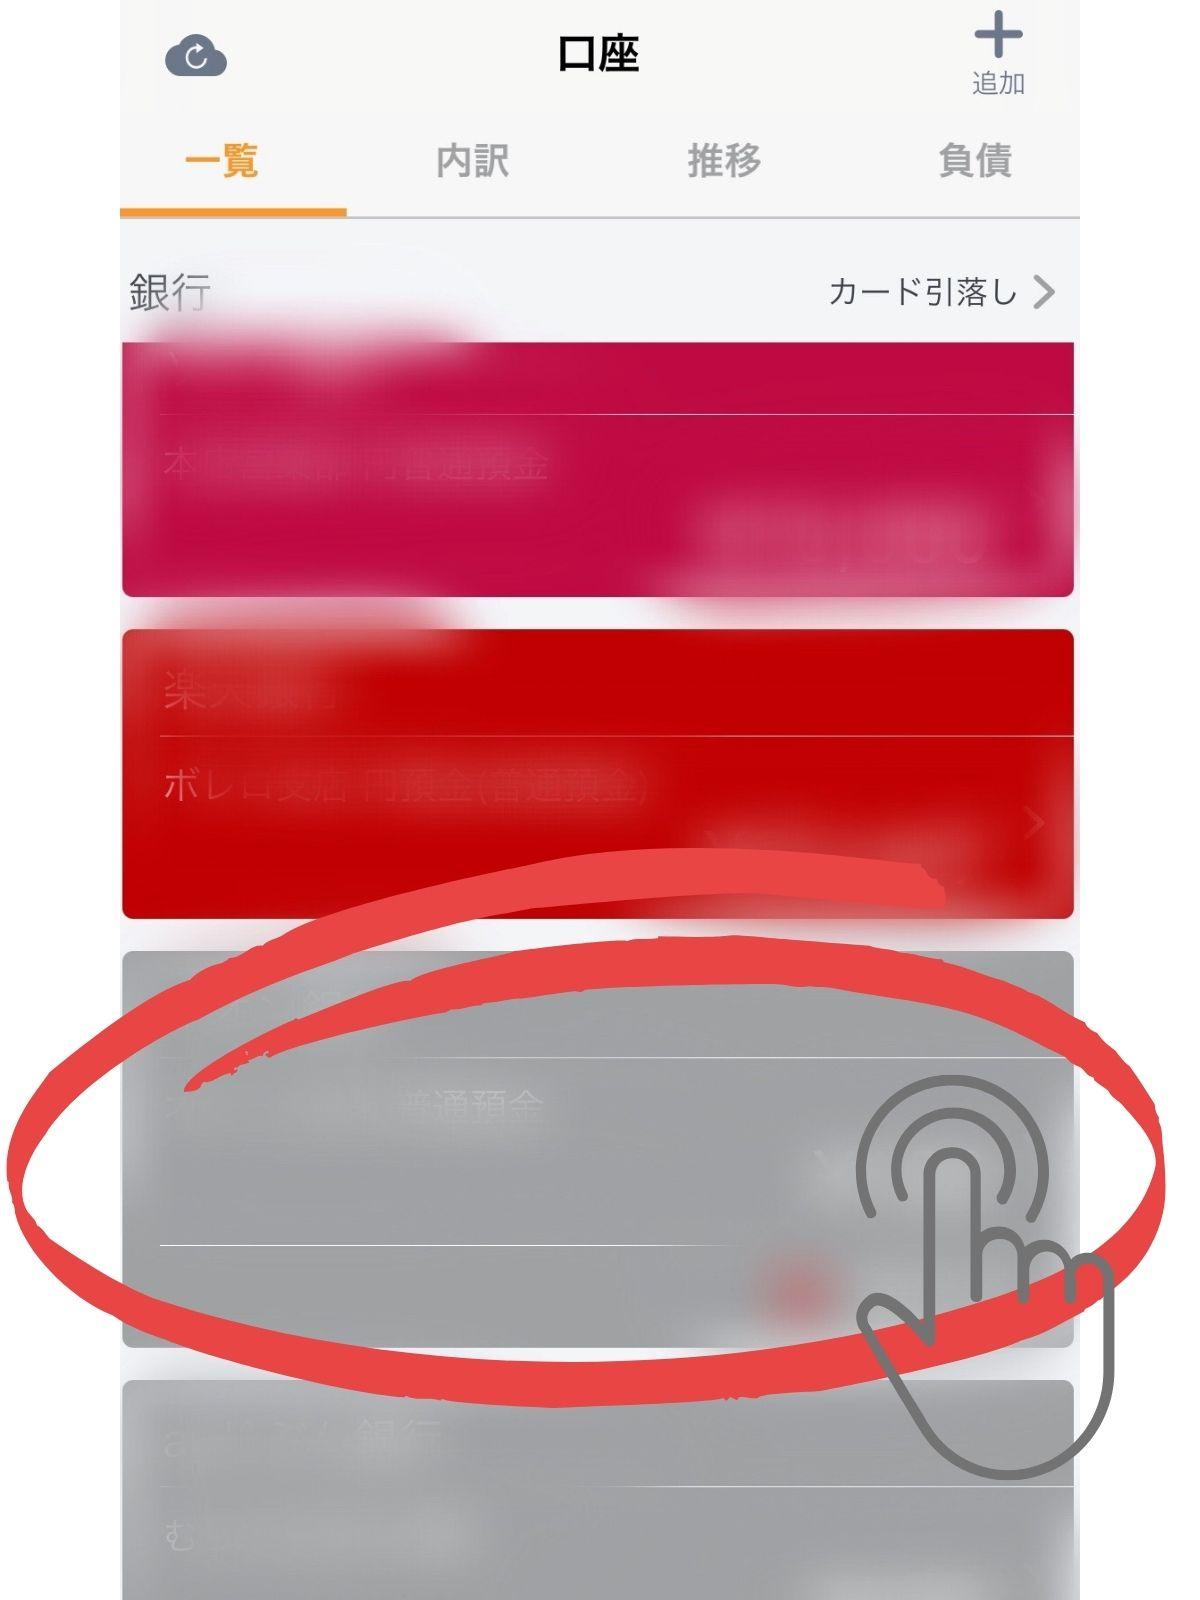 マネーフォワードMeに登録している口座を削除する方法